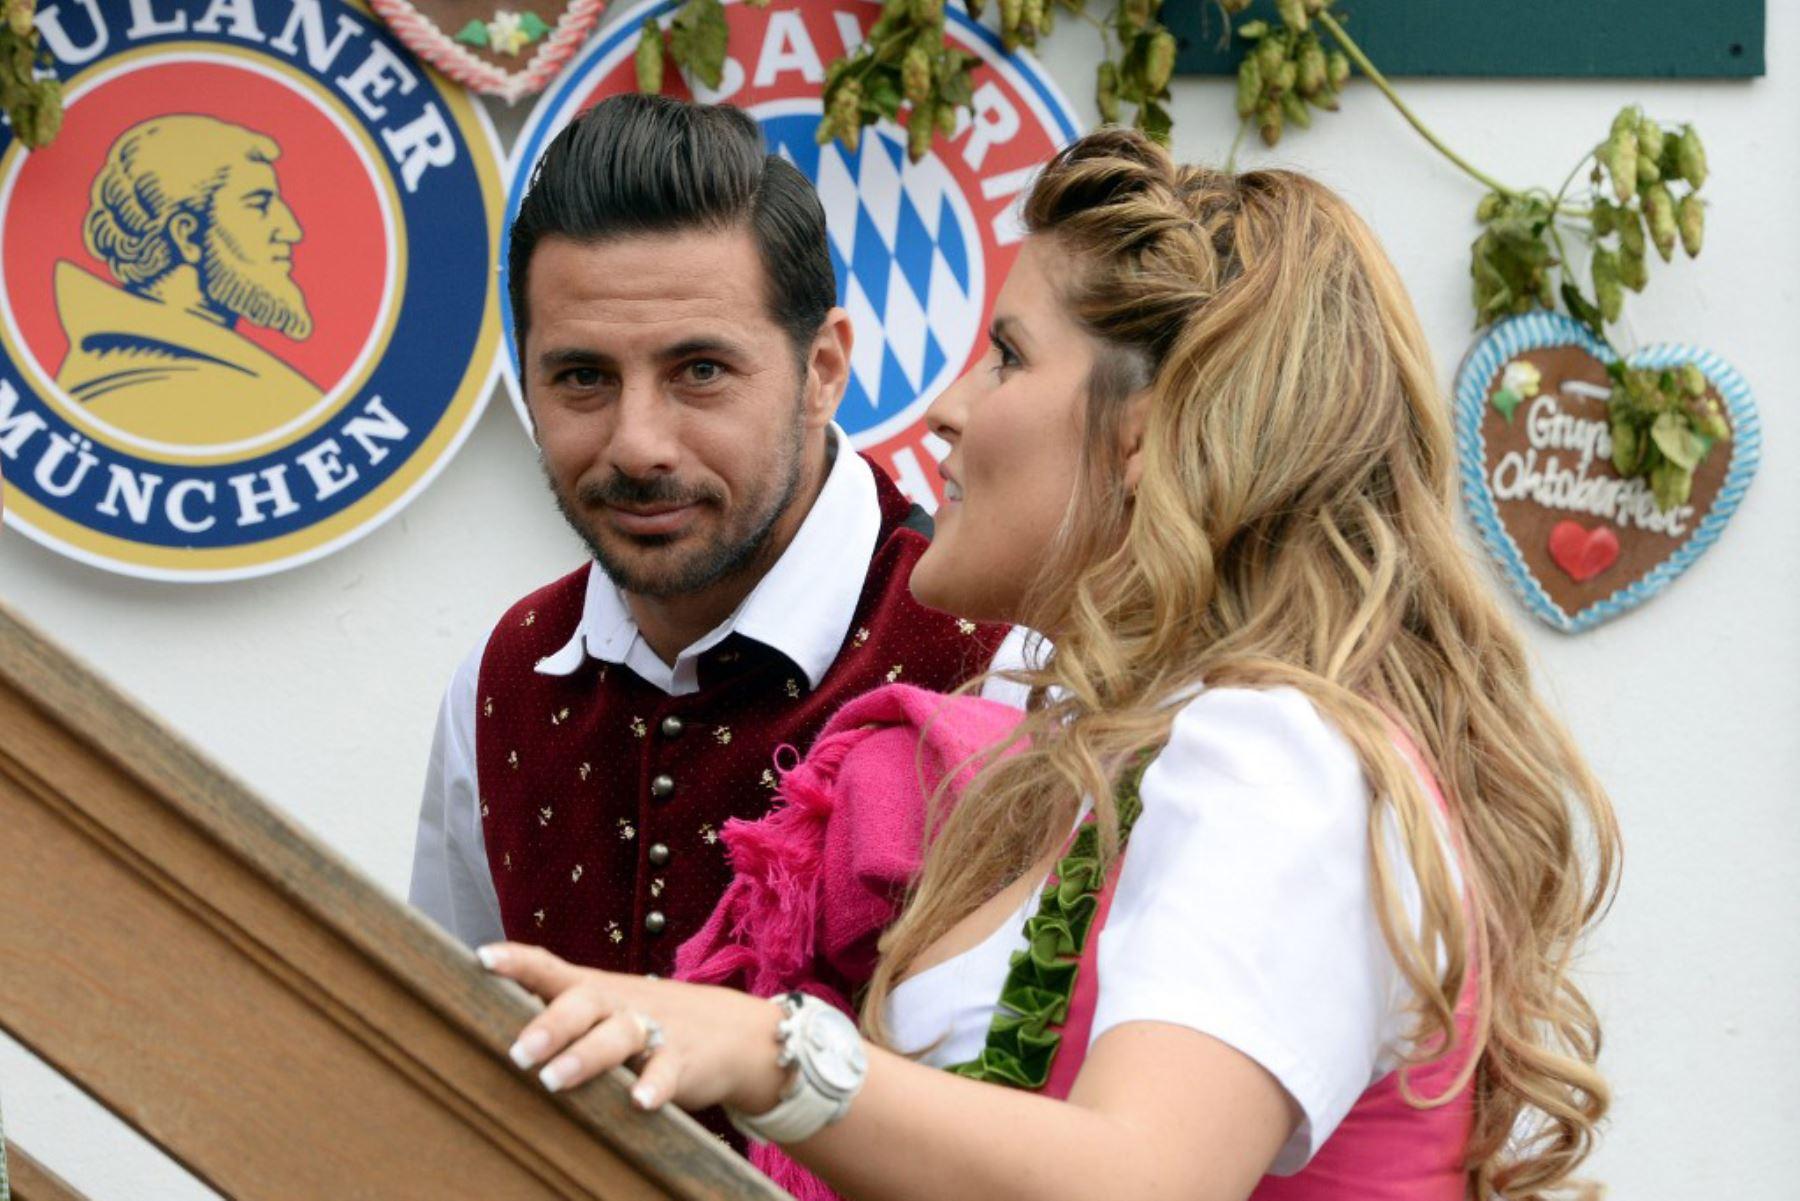 El delantero peruano del Bayern Múnich, Claudio Pizarro y su esposa Karla Salcedo llegan para la tradicional visita del club de fútbol alemán de primera división FC Bayern Munich al festival de cerveza Oktoberfest en Theresienwiese en Munich, sur de Alemania. Foto: AFP